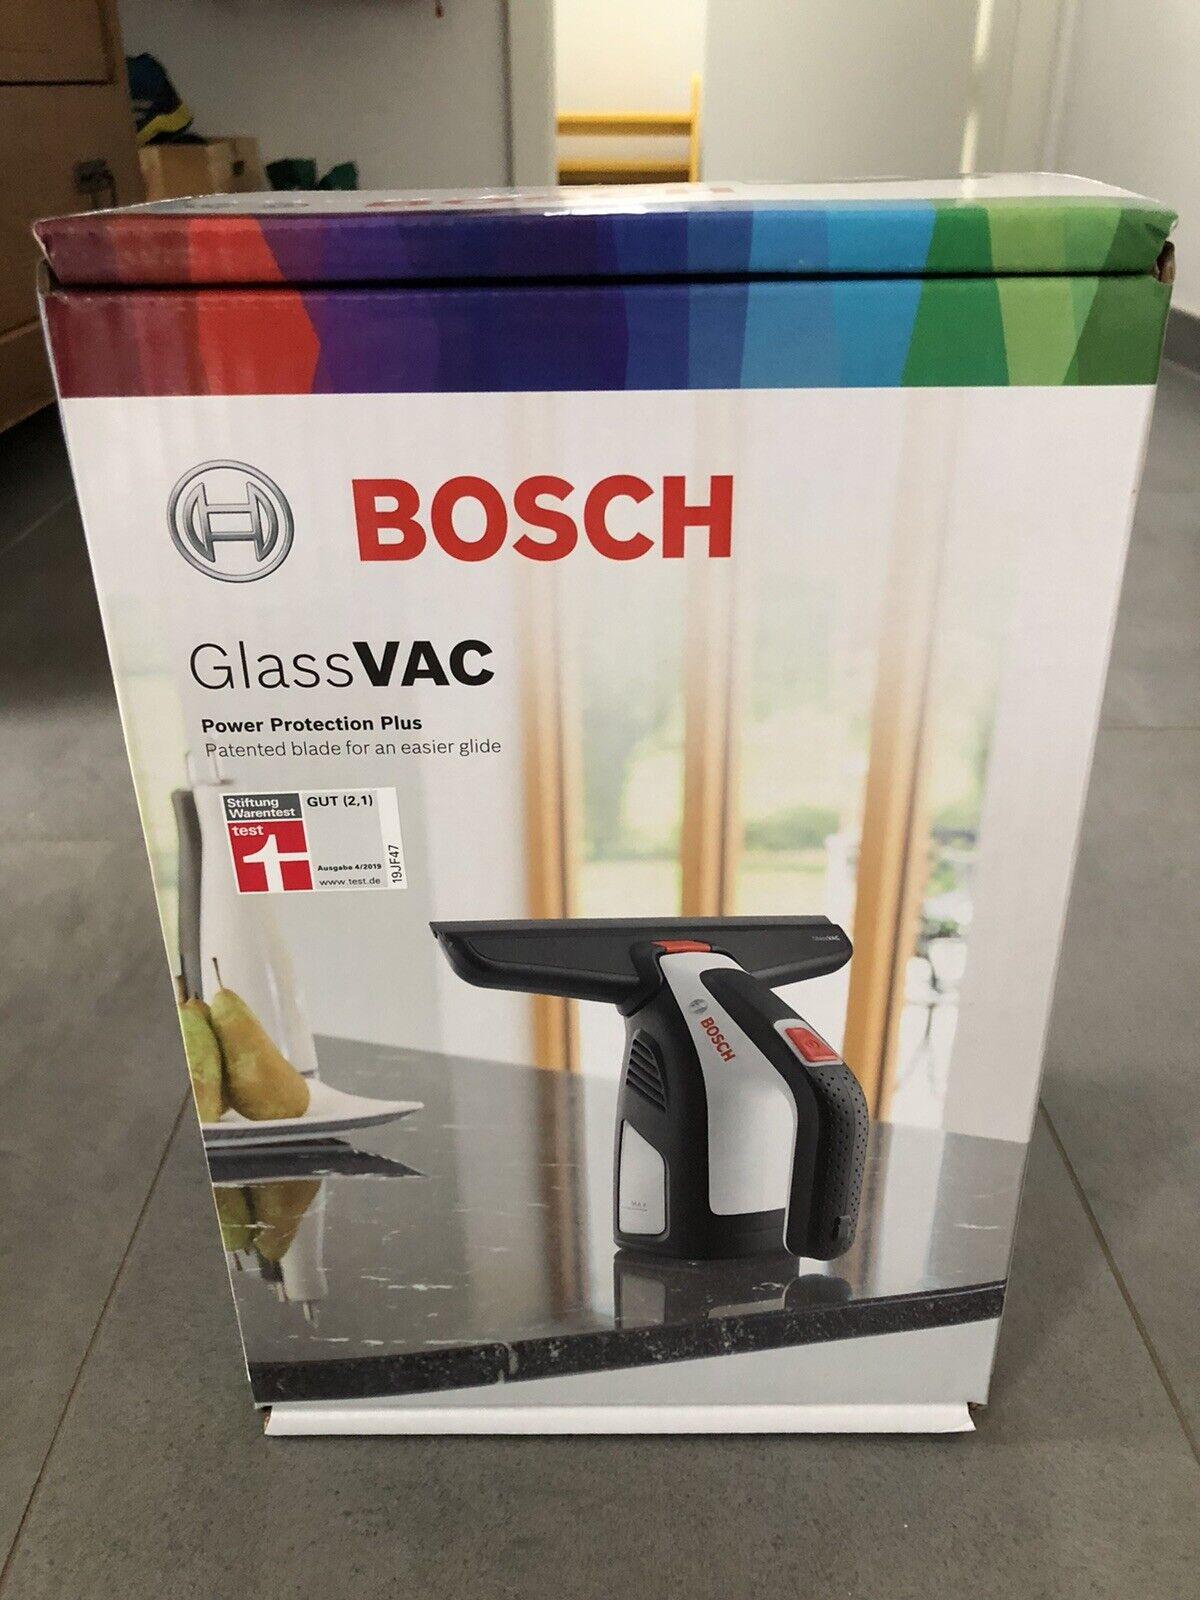 ORIGINAL BOSCH FENSTER-SAUGER SCHEIBEN REINIGER WIPER BLADE TECHNIK GLASSVAC